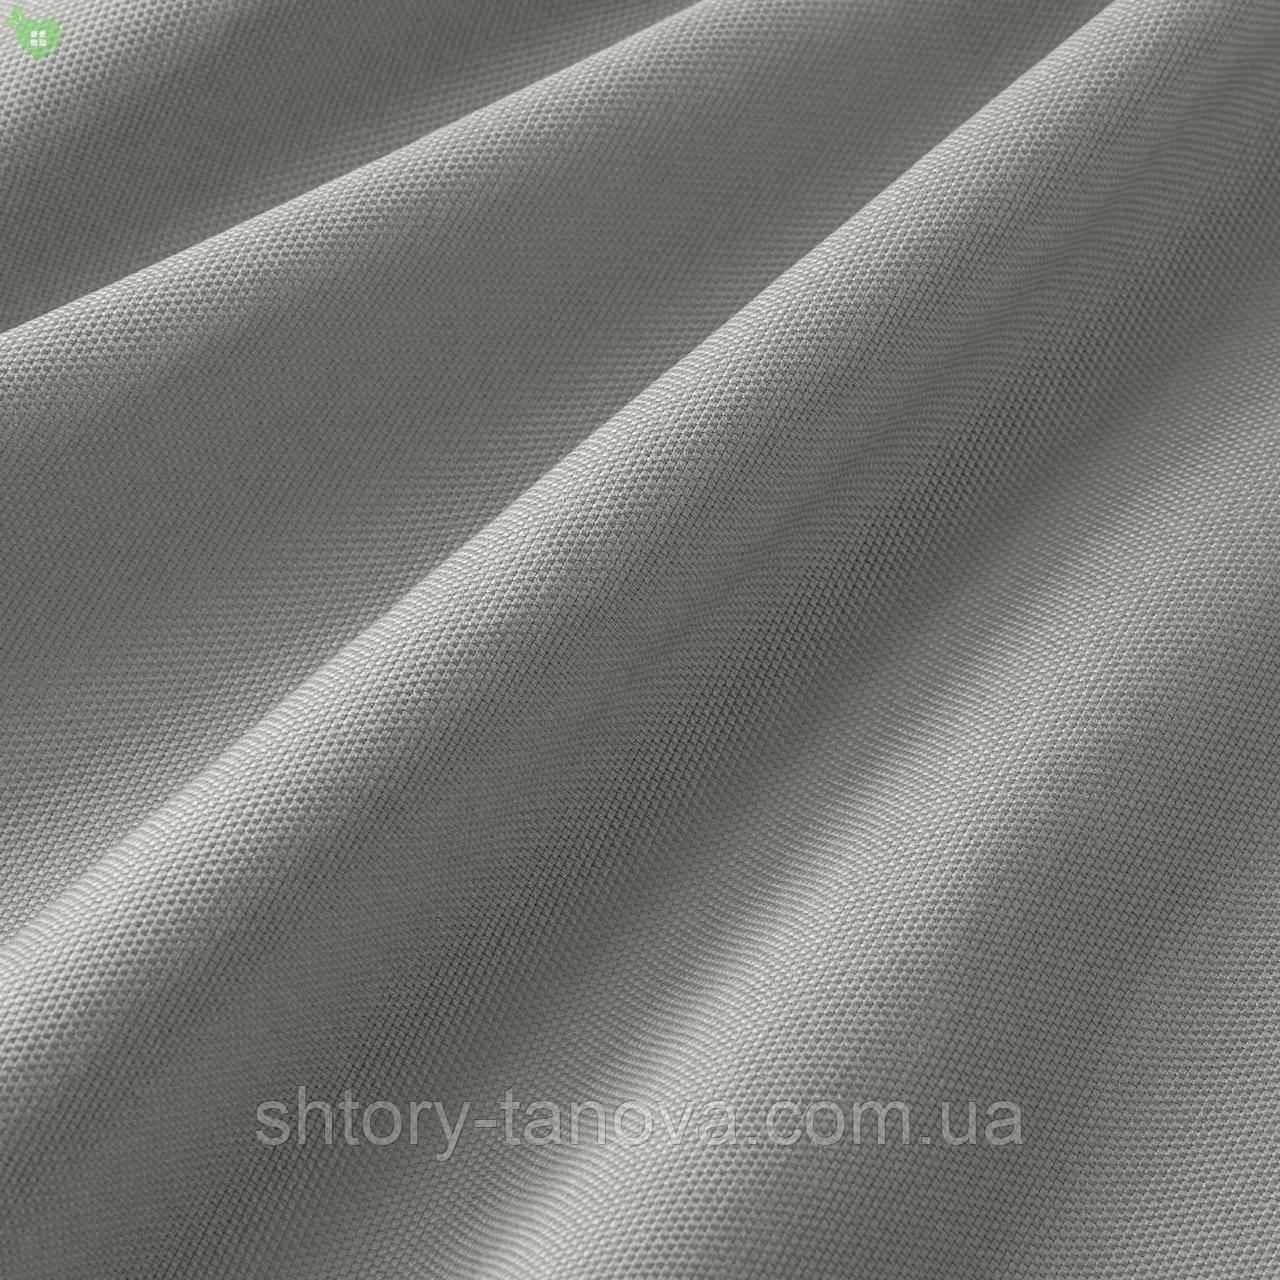 Вулична тканина з фактурою сірого кольору для веранди